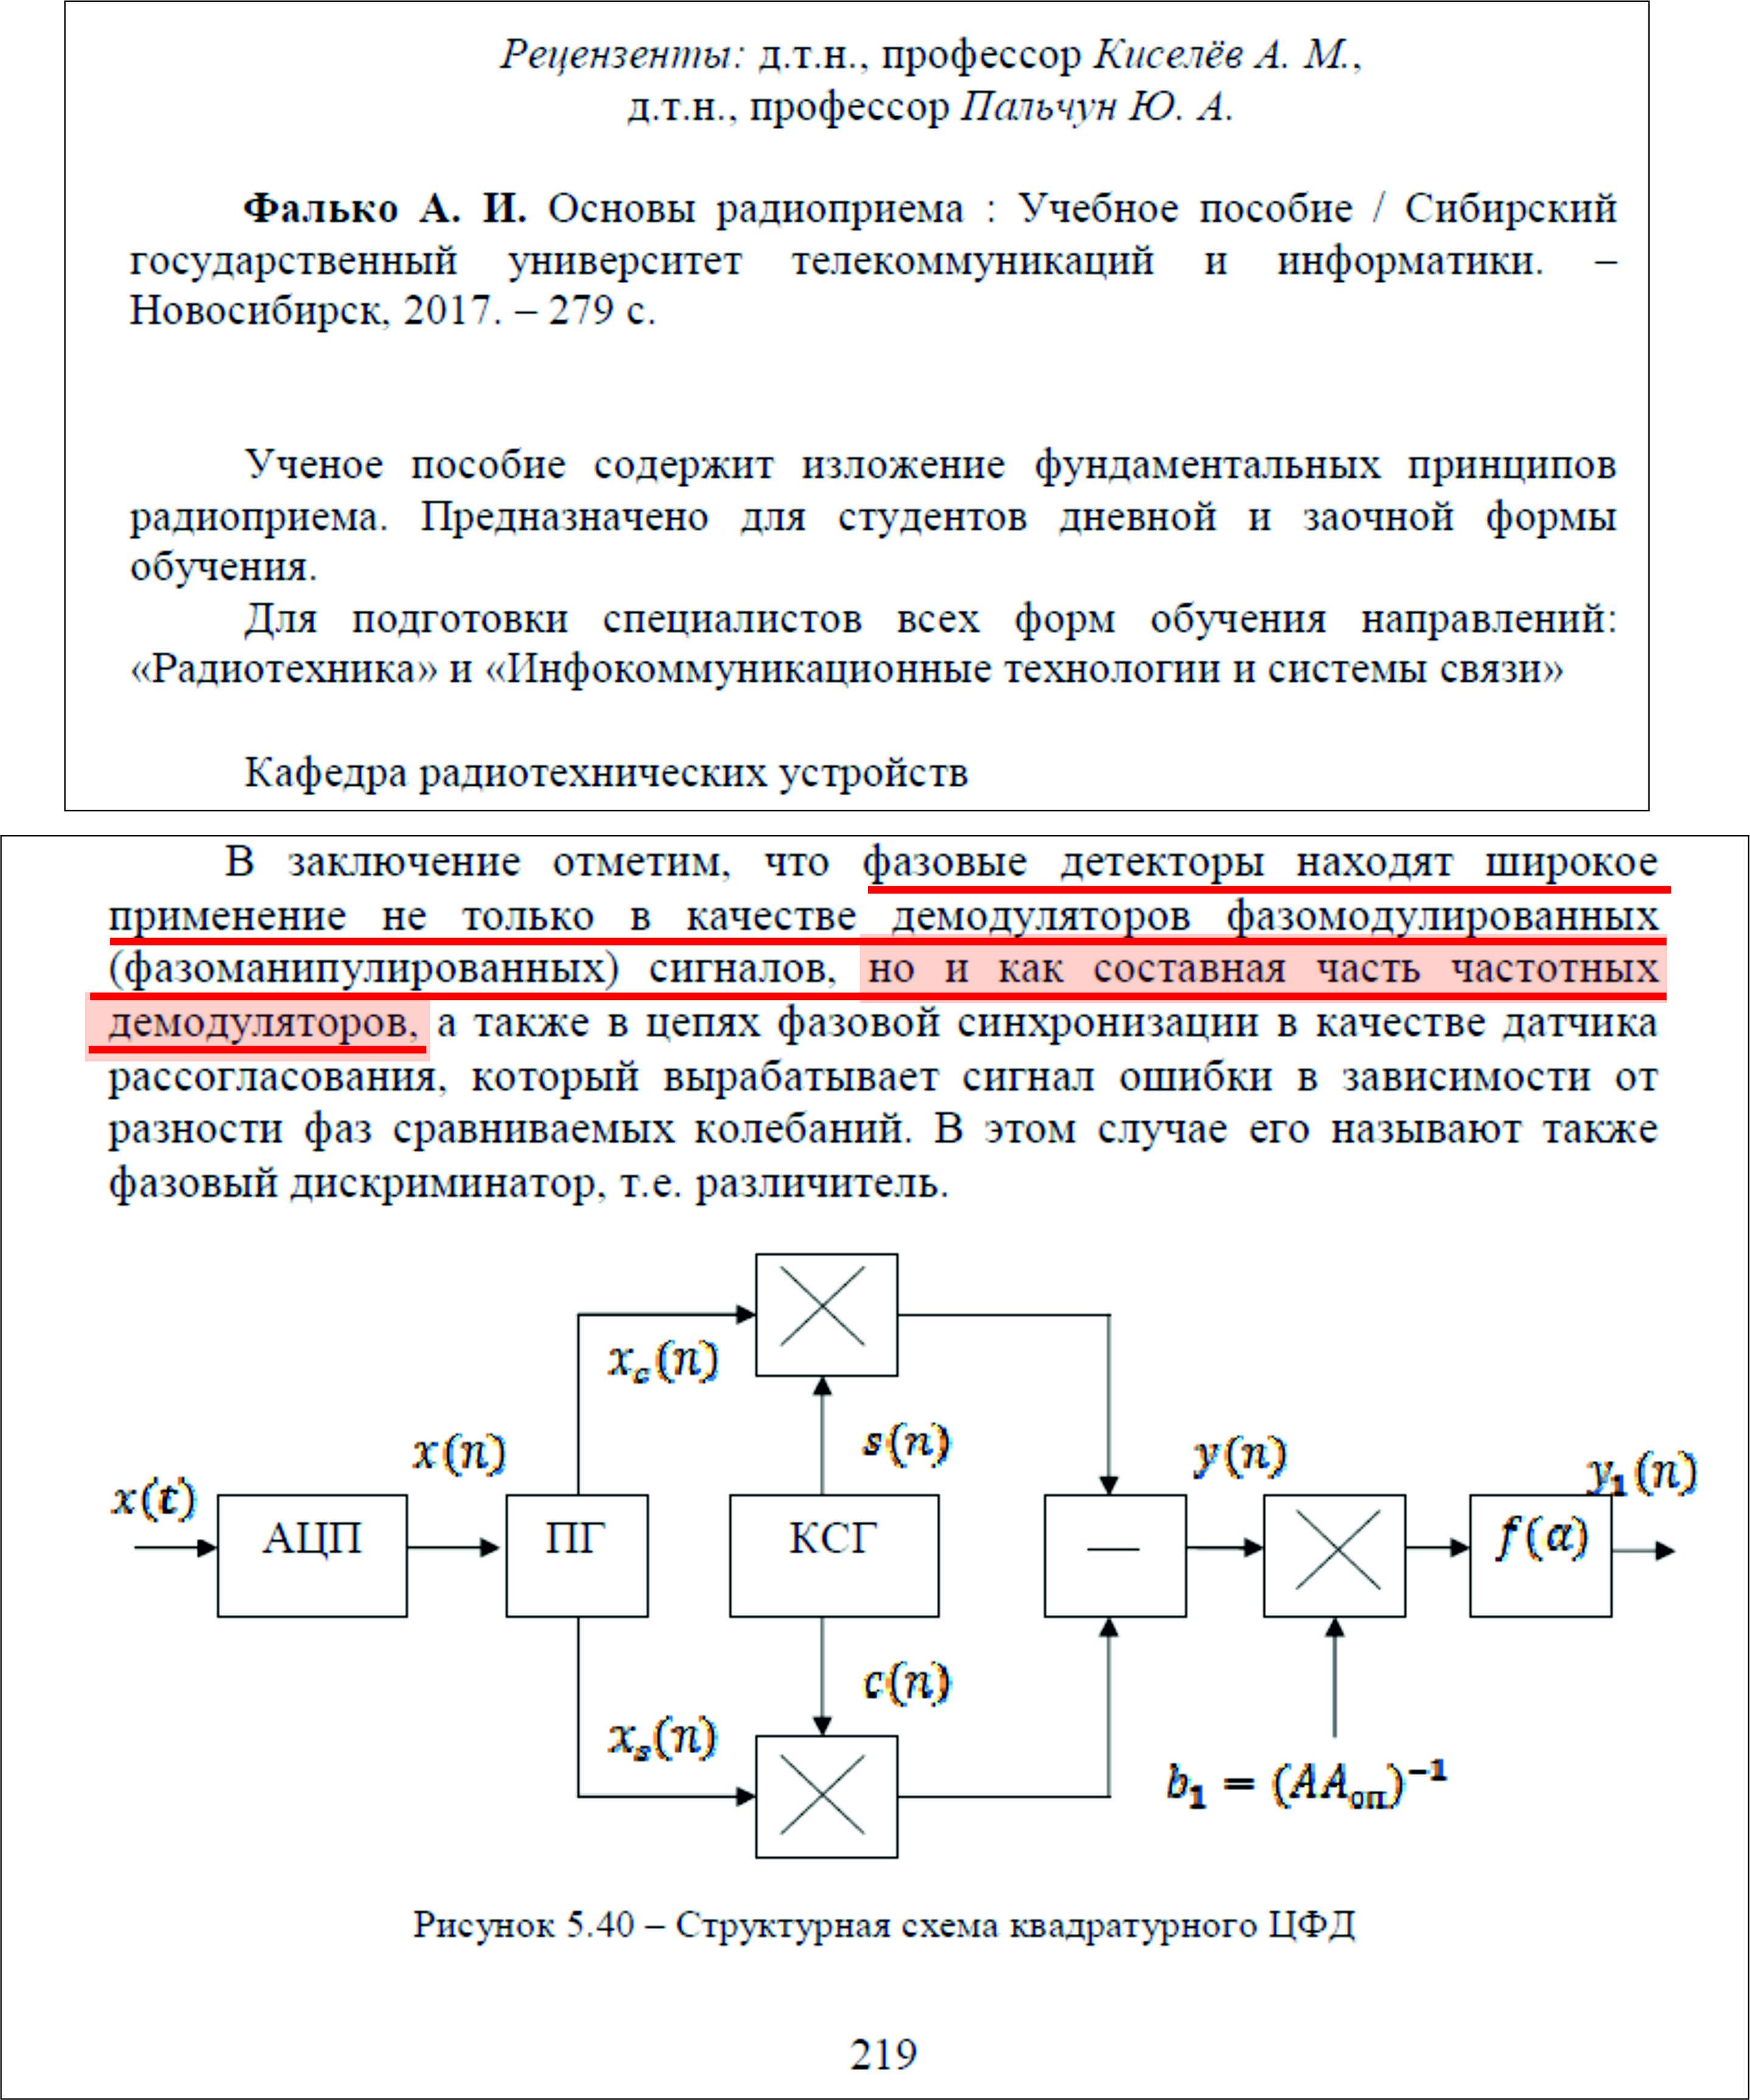 http://images.vfl.ru/ii/1614350953/d5e4529e/33481025.jpg